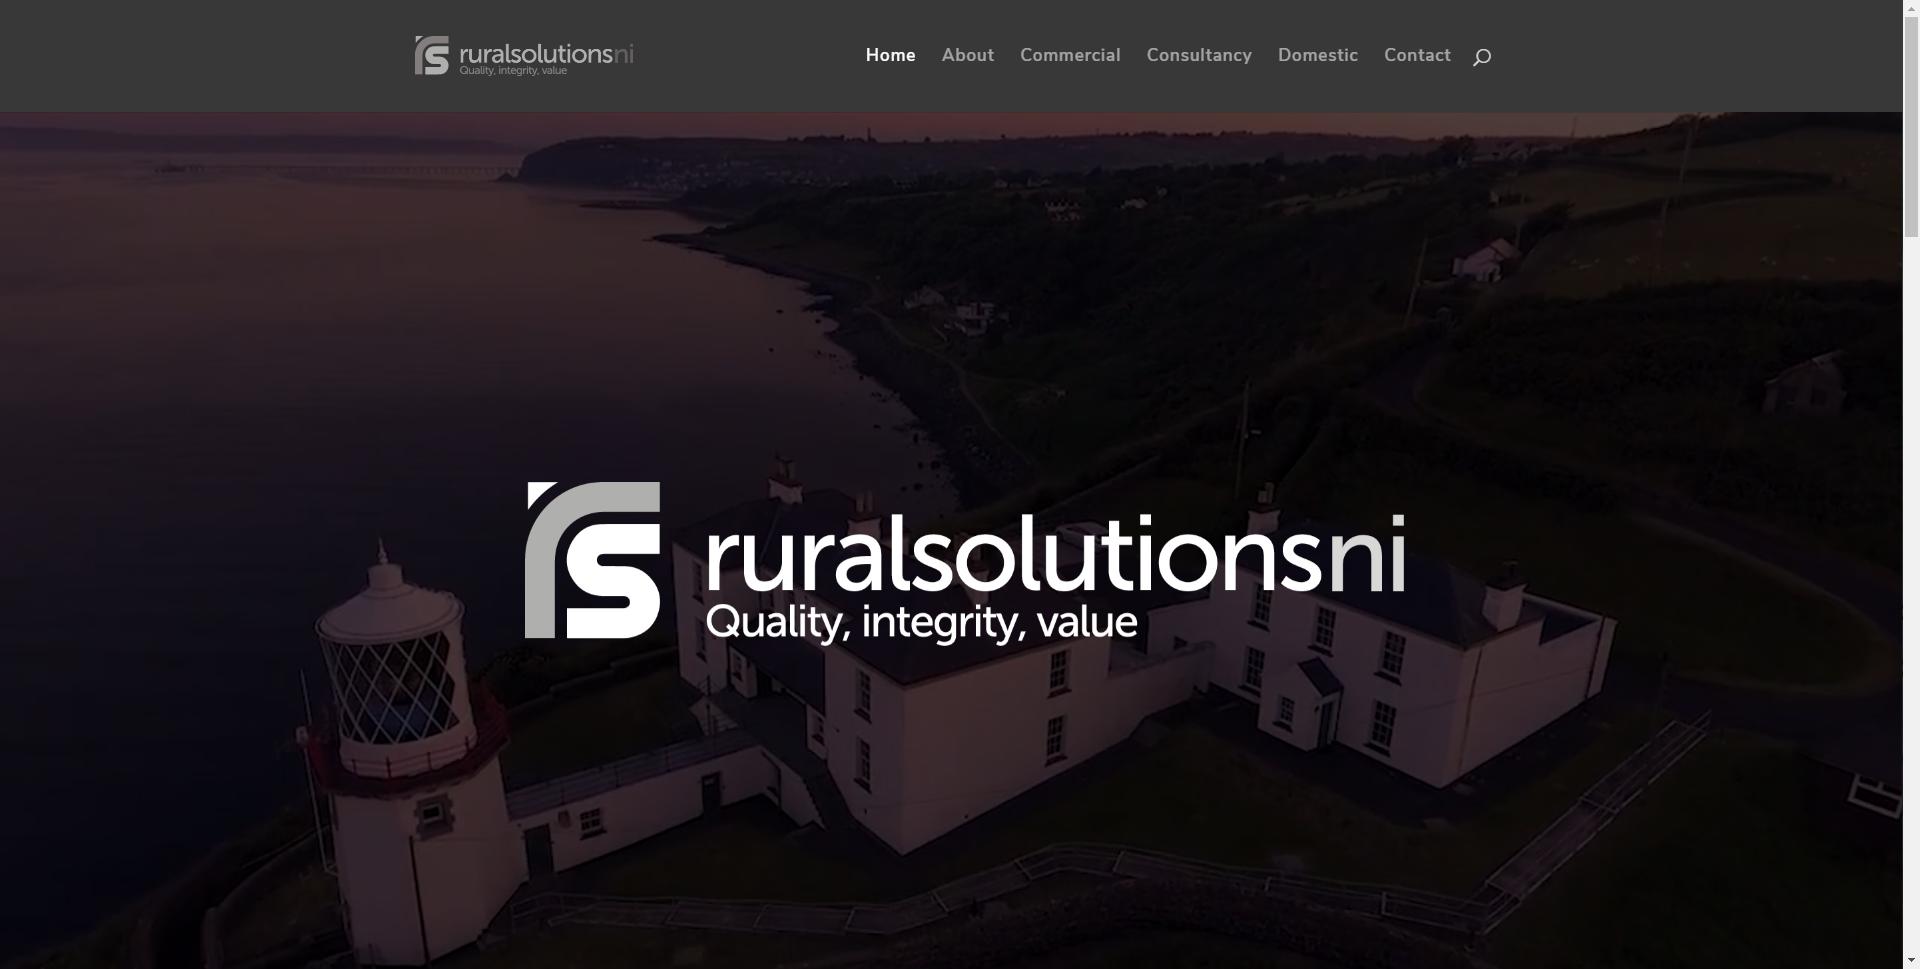 ruralsolutionsni.com Websites